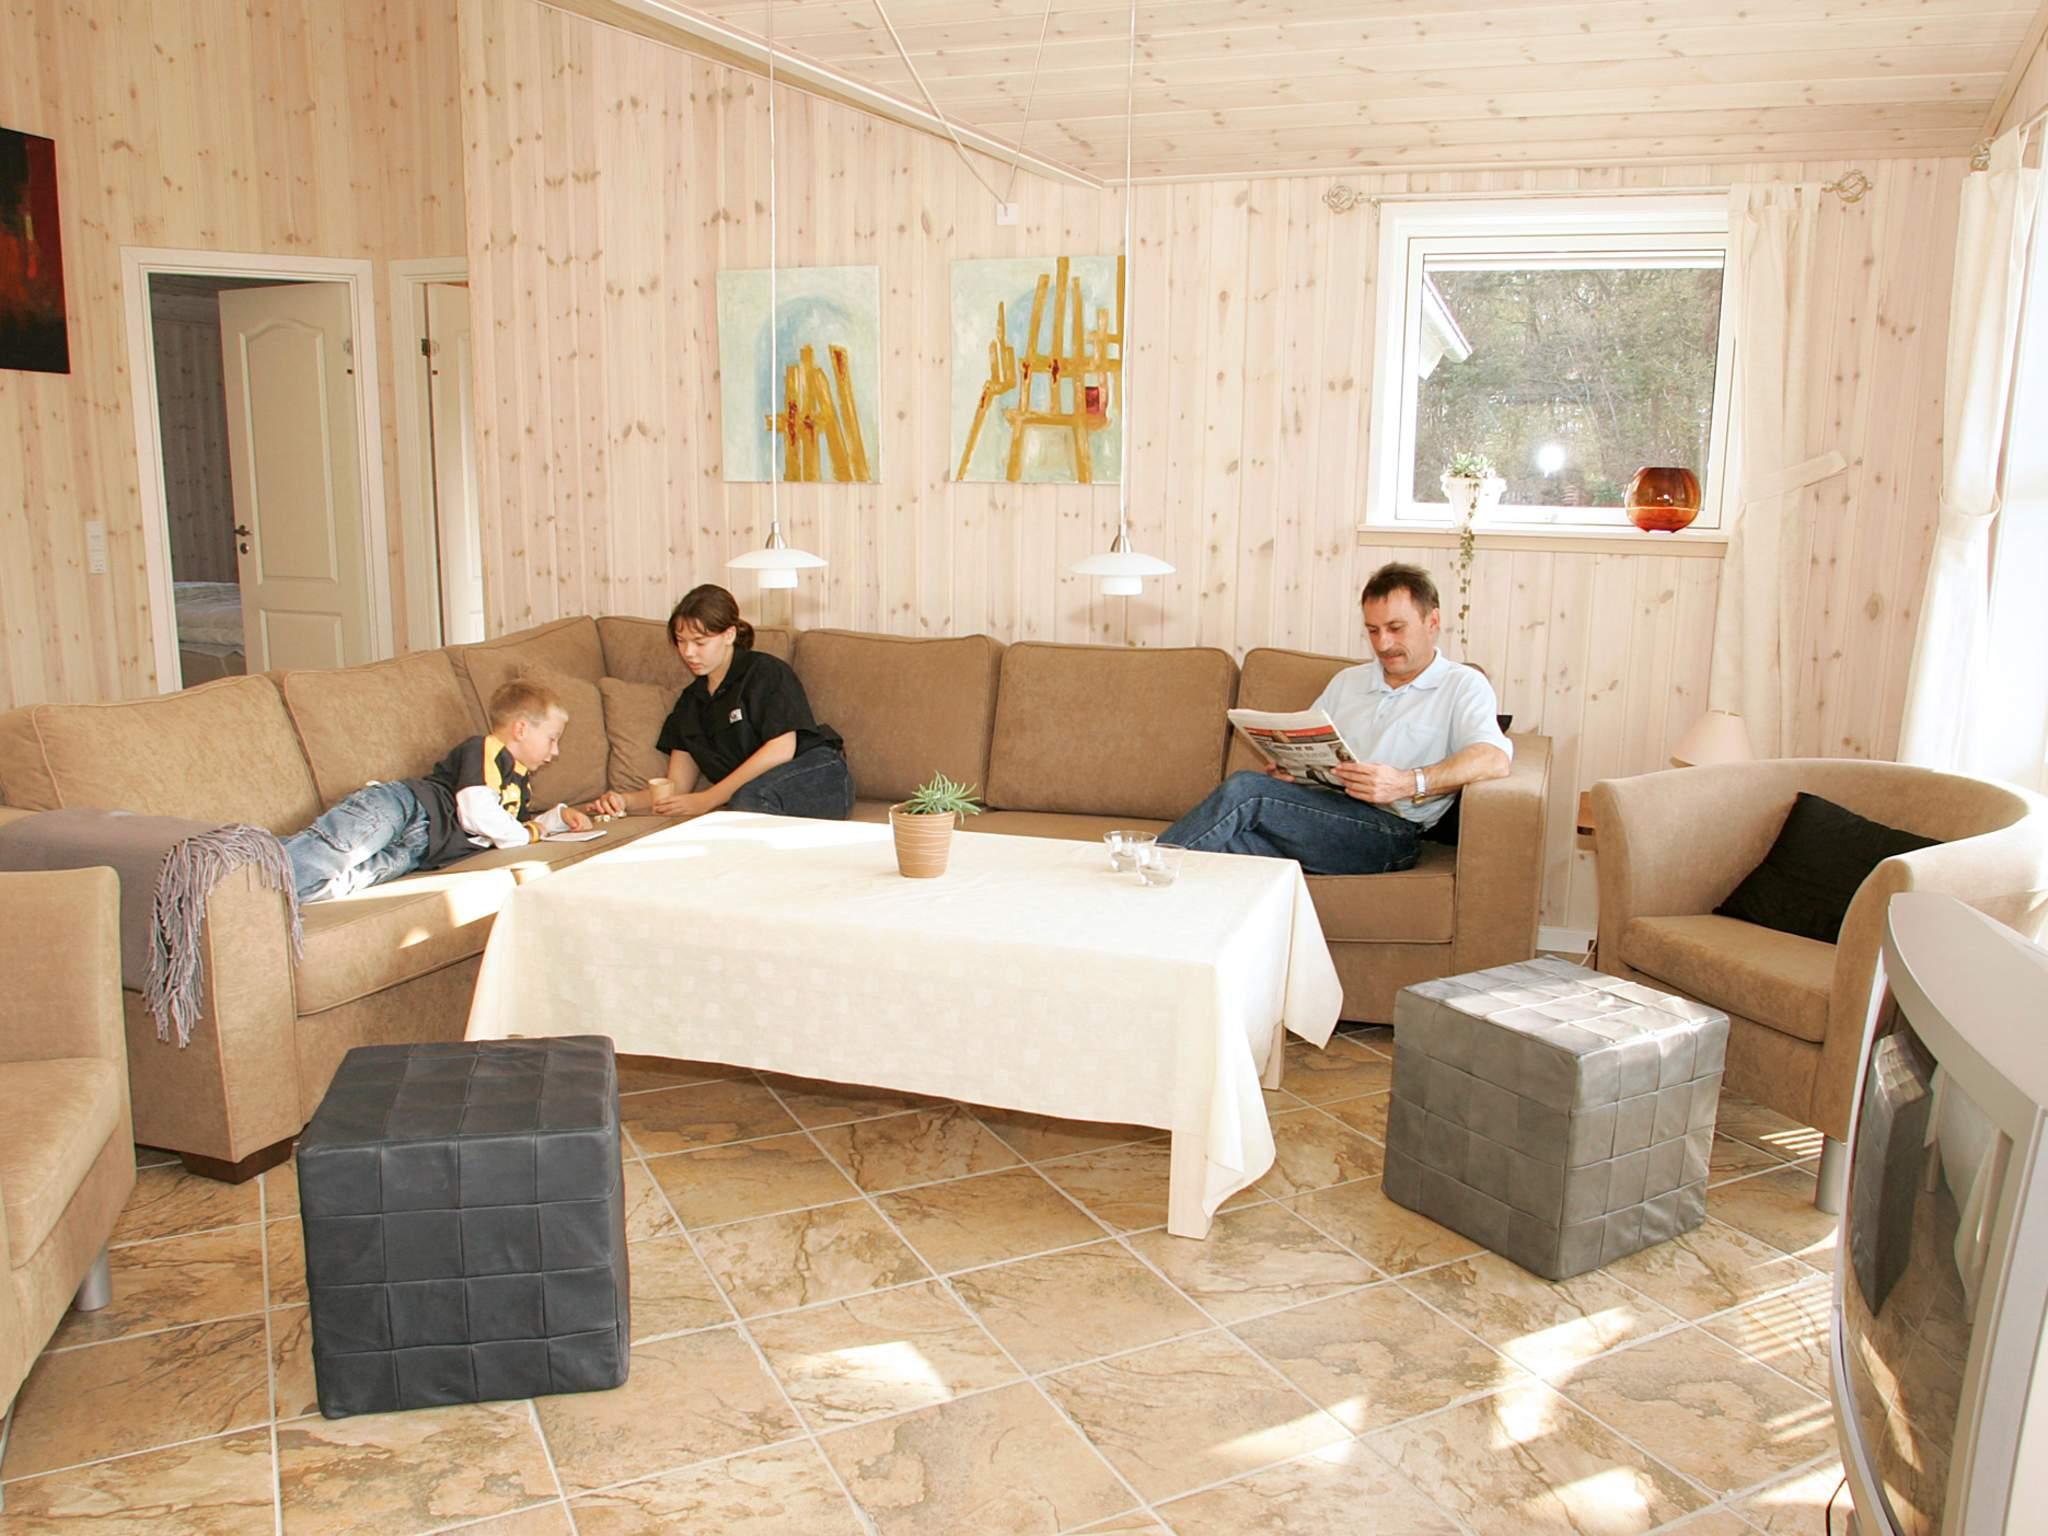 Ferienhaus Hou (93228), Hou, , Dänische Ostsee, Dänemark, Bild 2